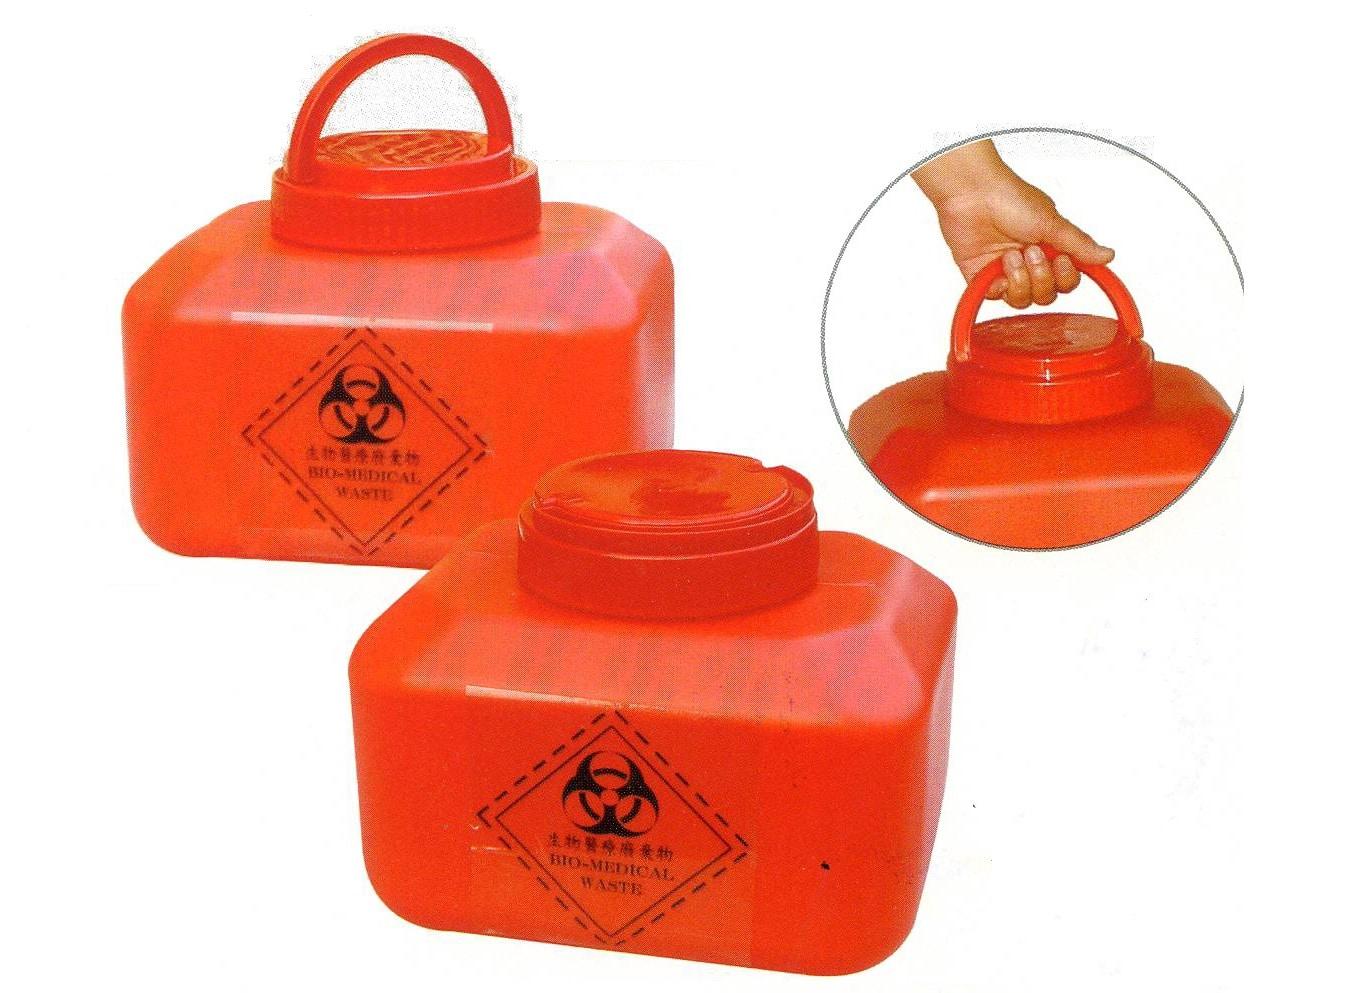 感染性廢棄物回收桶10公升